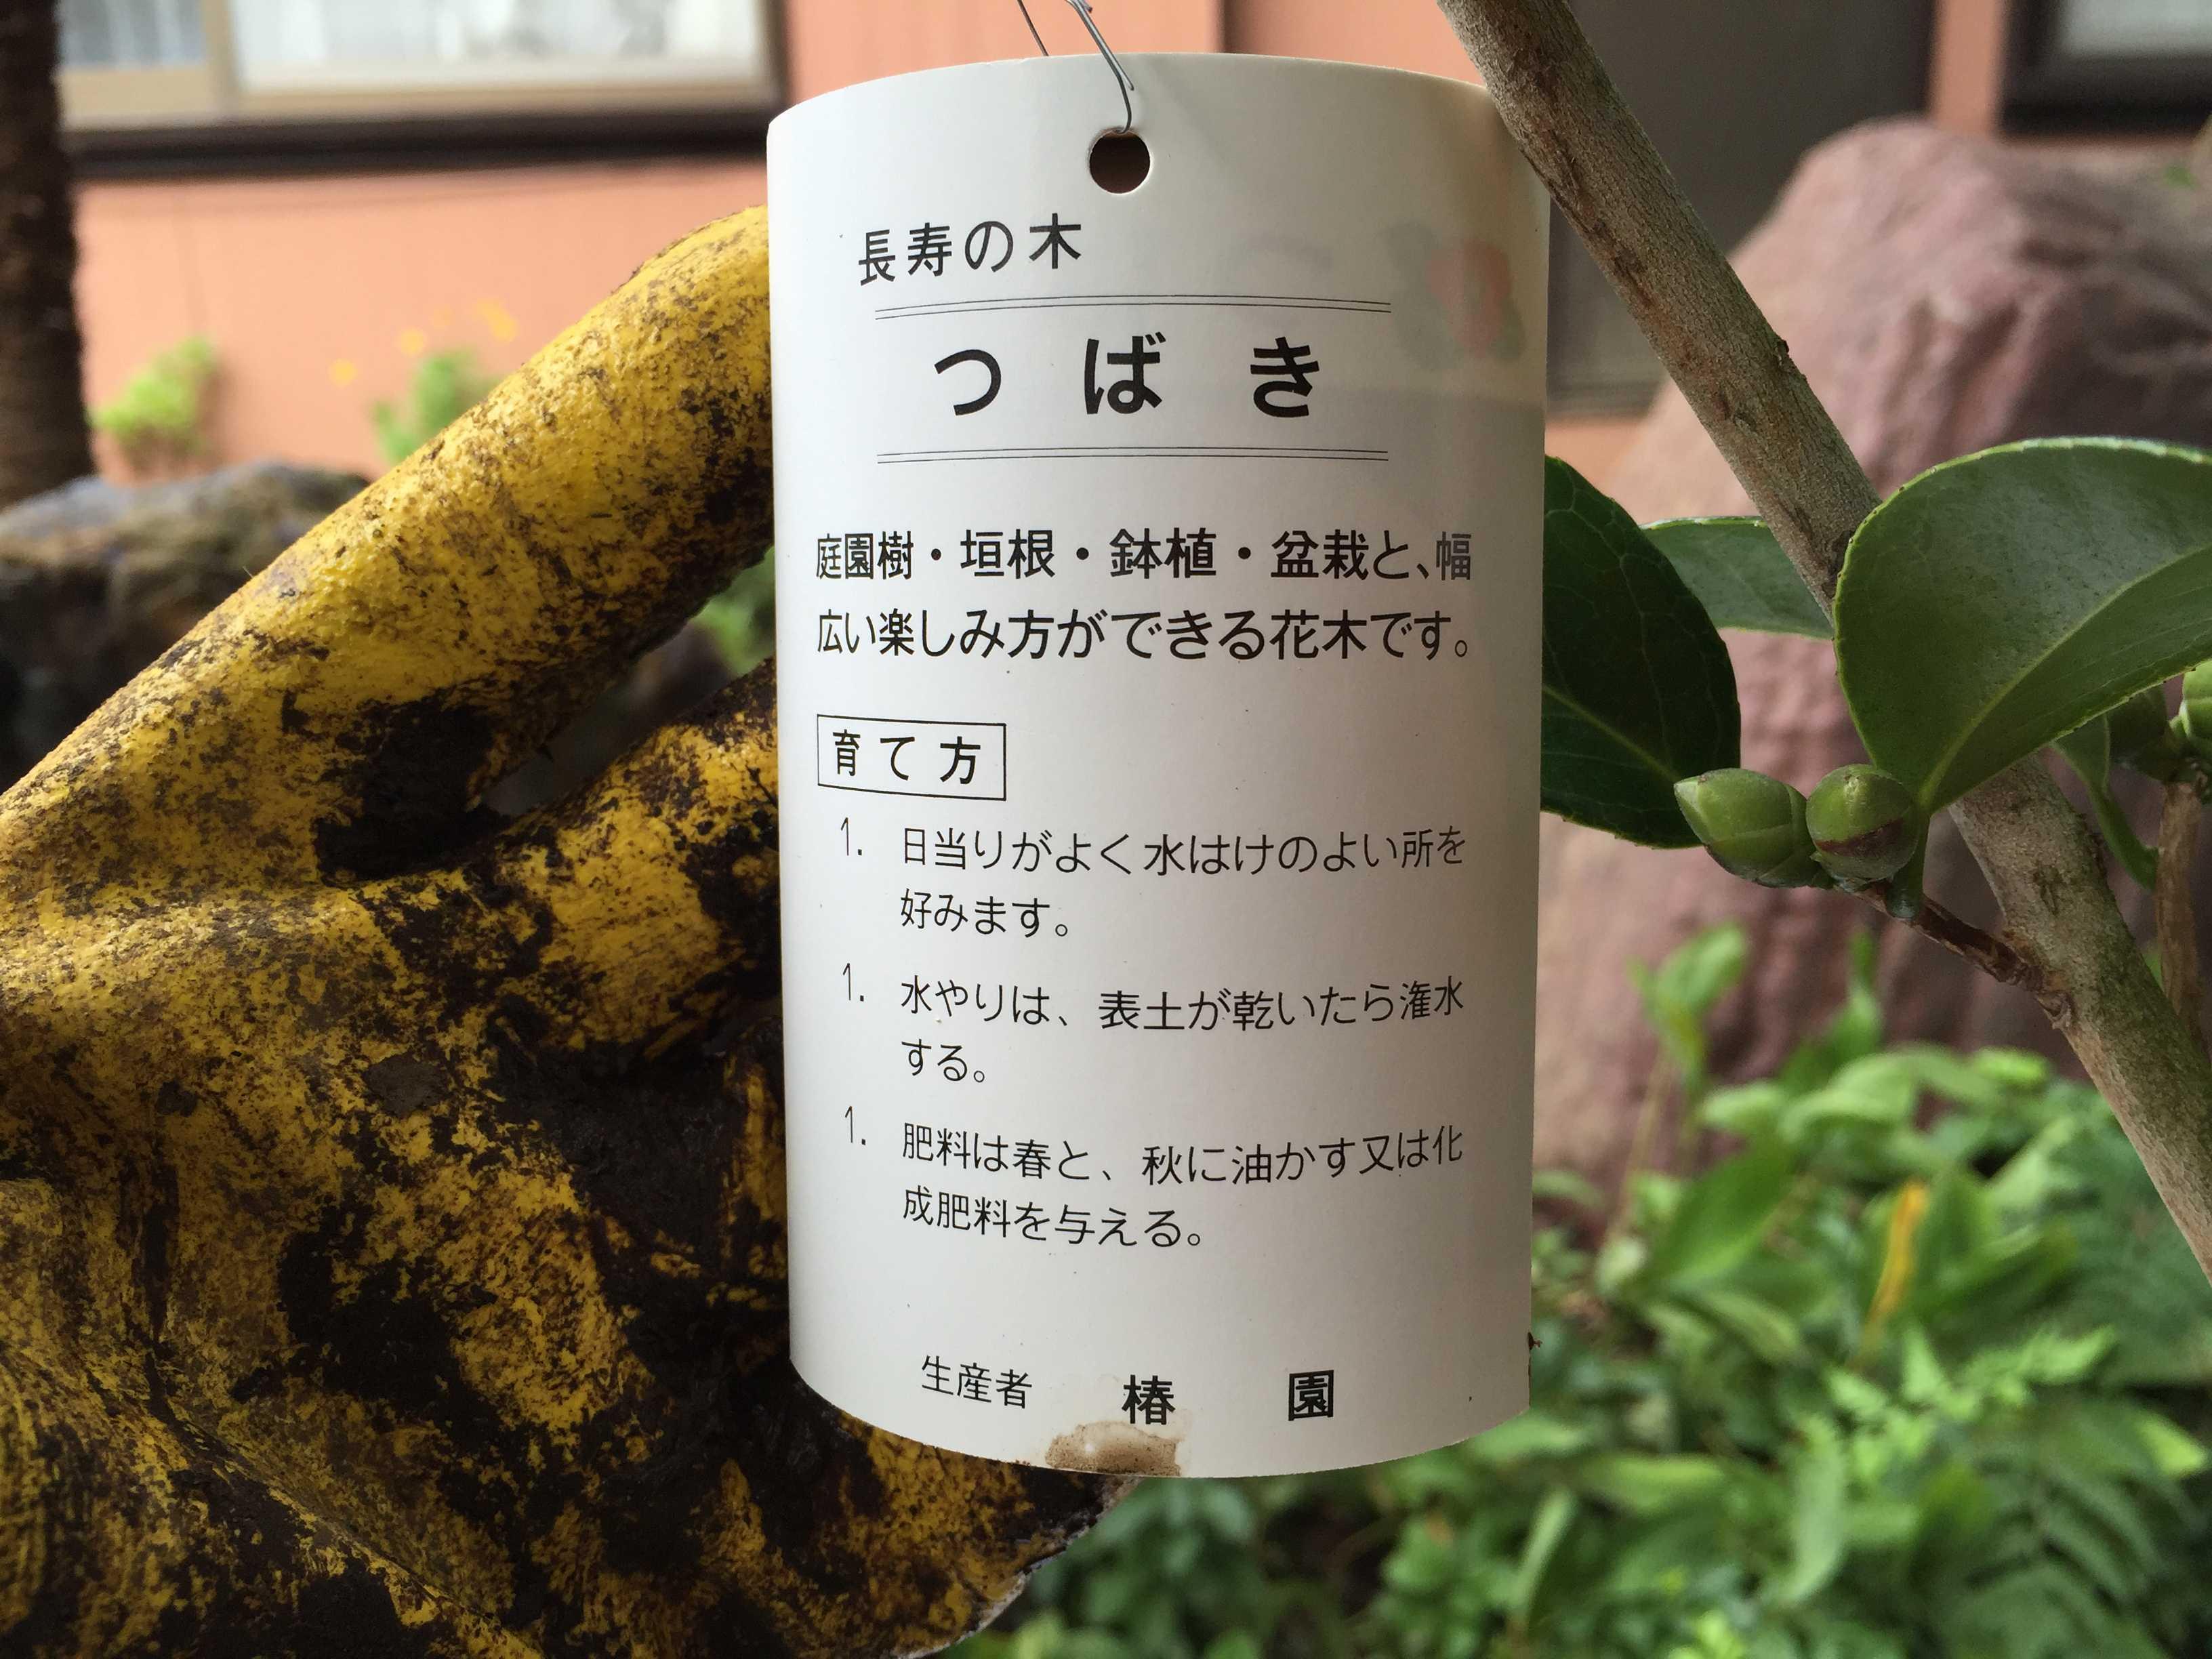 長寿の木 つばき - 庭園樹・垣根・鉢植・盆栽と、幅広い楽しみ方ができる花木